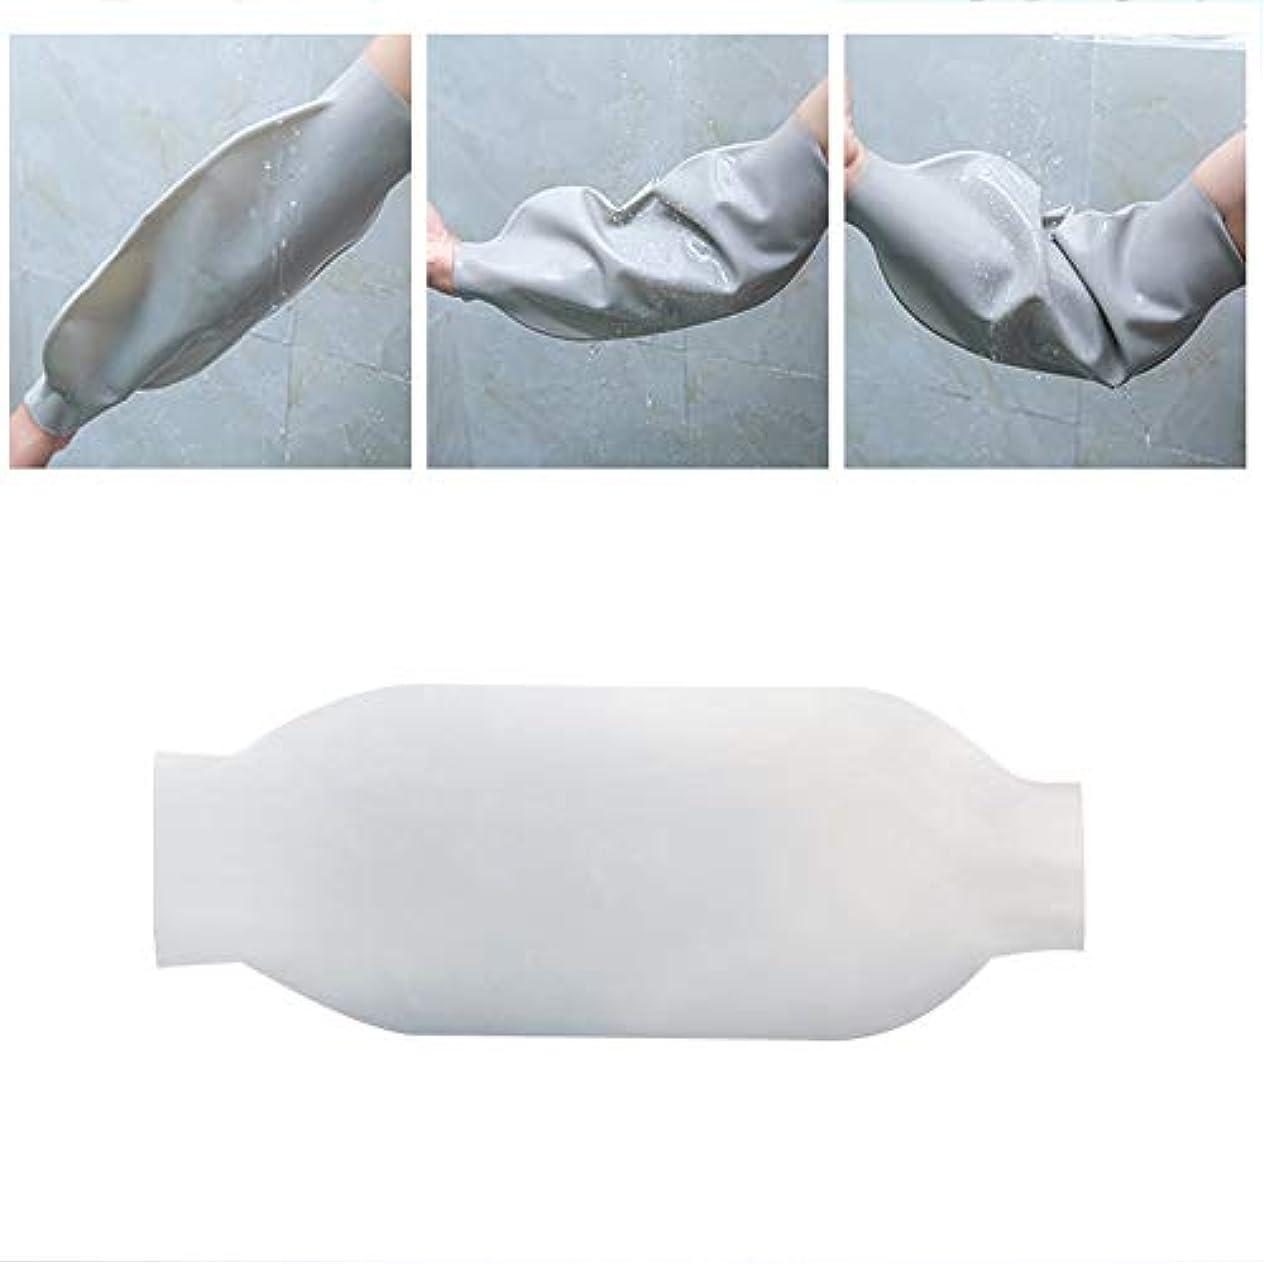 歌フライカイト浴室キャストプロテクタースリーブシャワーアームの肘スリーブシリコンケースの再利用可能な耐水性包帯プロテクター水密シールがドライ石膏包帯をしてください,L